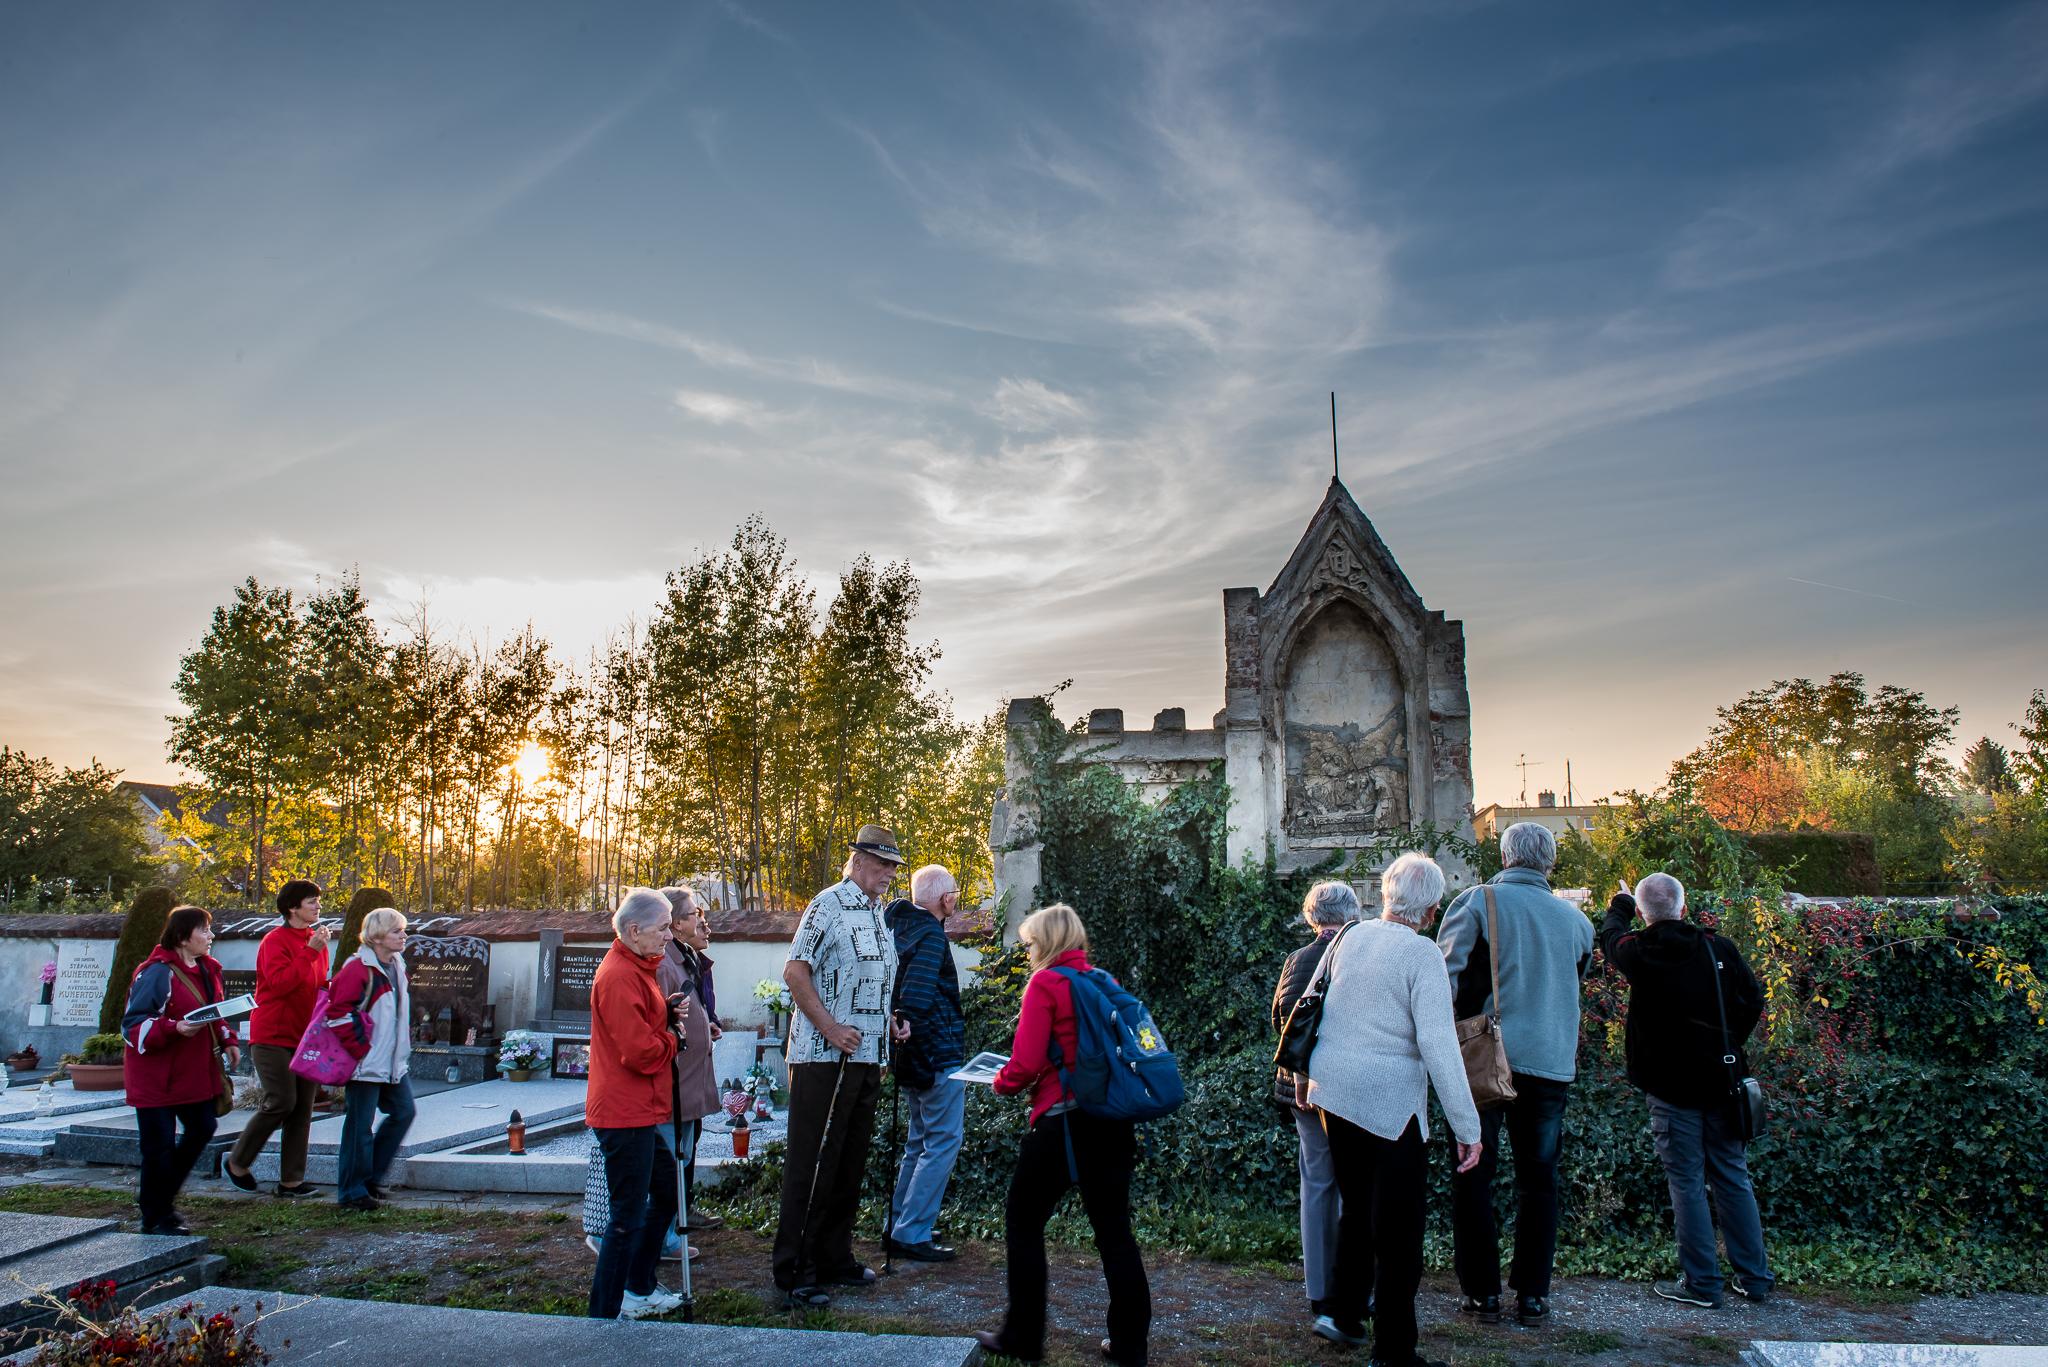 komentovaná prohlídka VYCHÁZKA ZA OSOBNOSTMI KATEŘINEK / 9. 10. 2018 // Švédská kaple a hřbitov